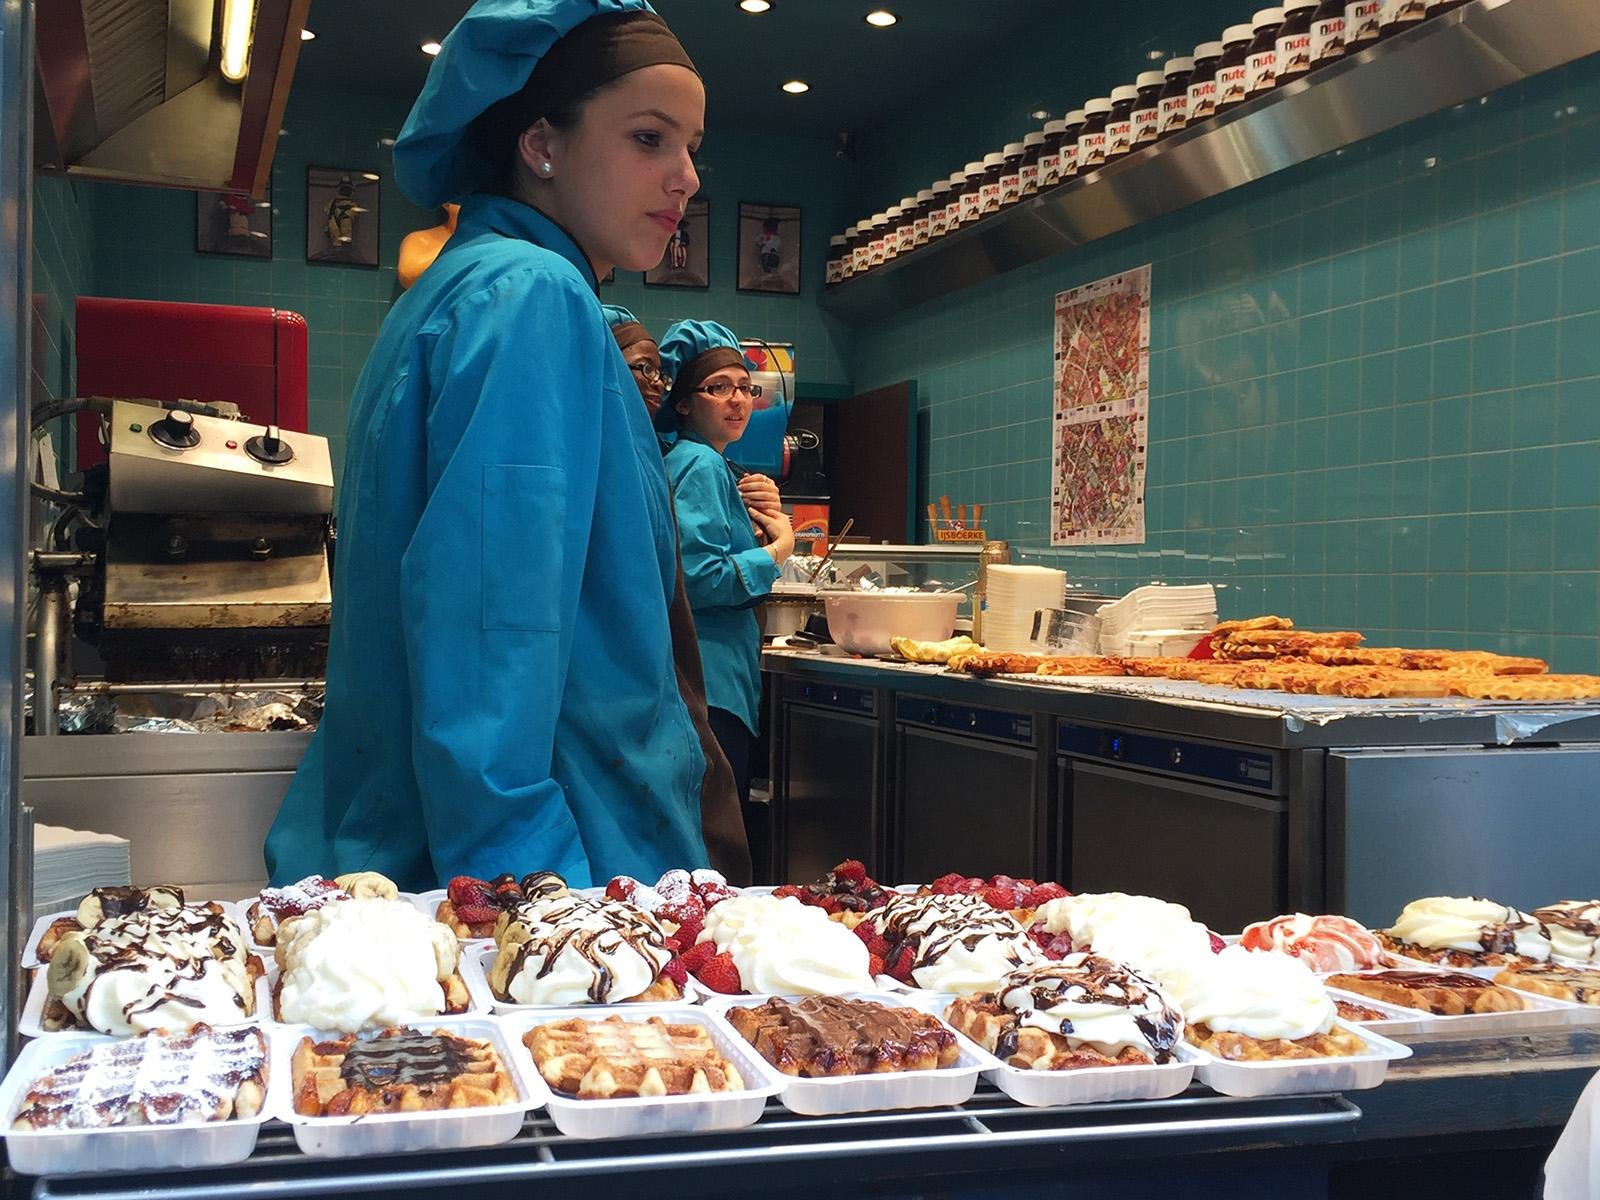 Belgické vafle jsou typickou sladkou pochoutkou na ulici